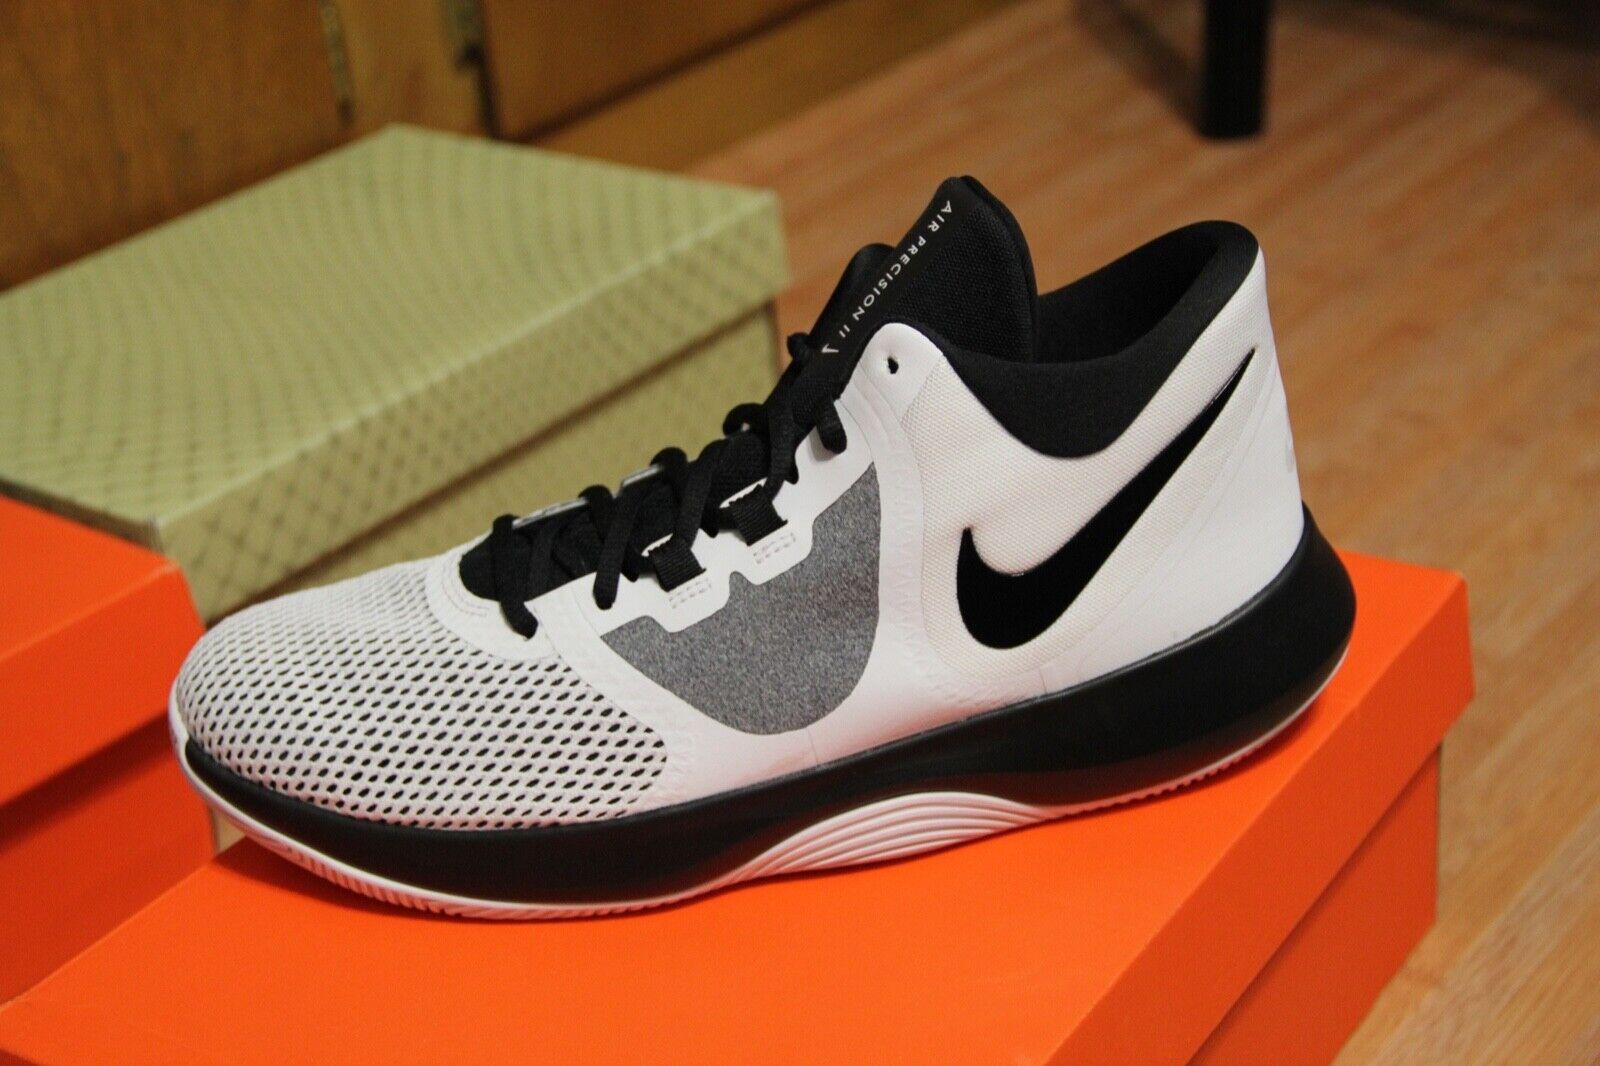 Nike Air Precision 2  --Dimensione 11 (Brand New)  prodotto di qualità